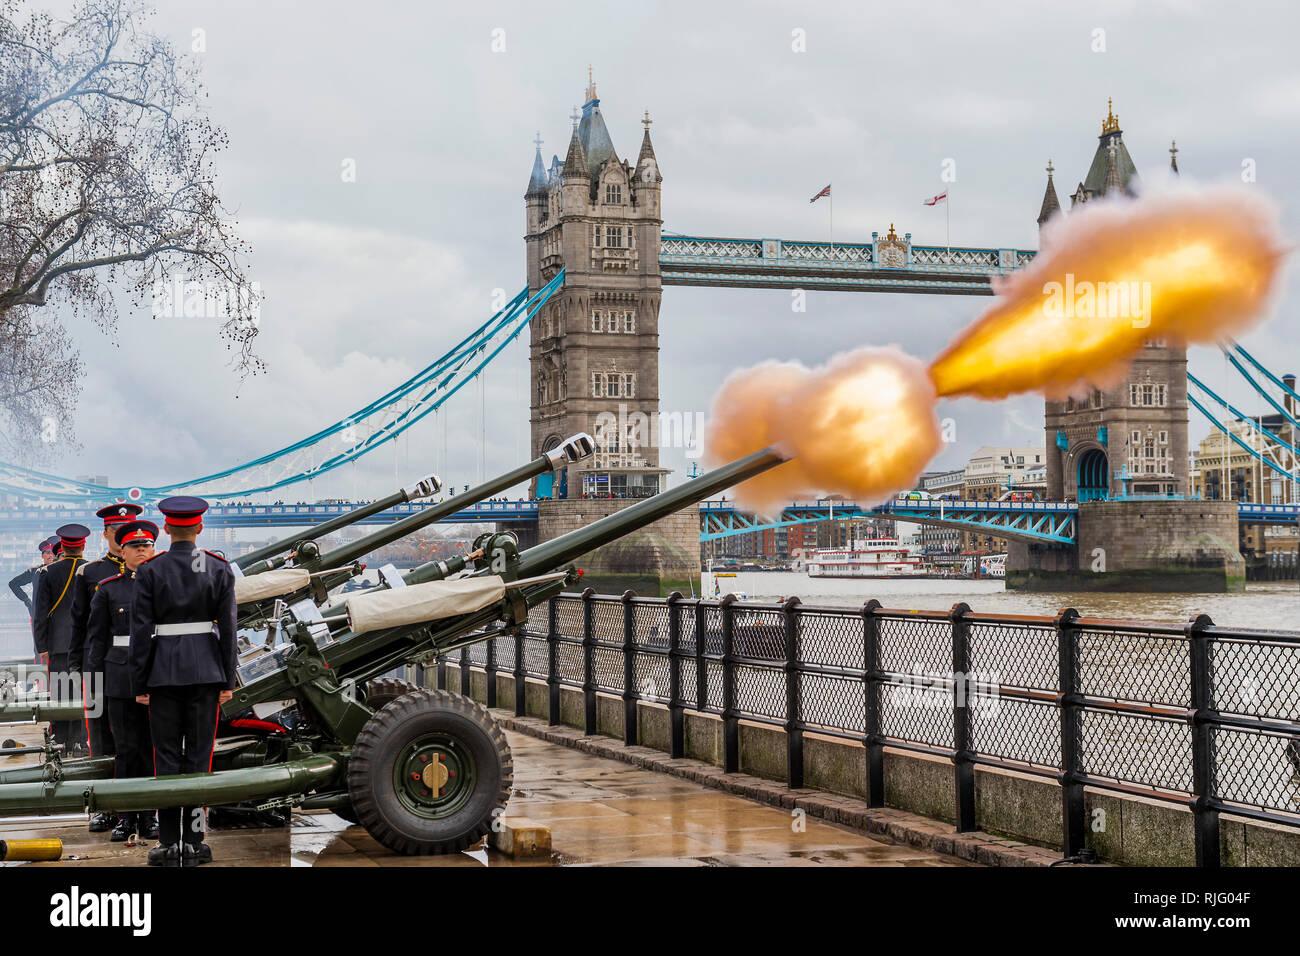 Londres, Royaume-Uni. 6 Feb 2019. L'Honorable Artillery Company (HAC), la ville de London Regiment de l'armée de réserve, un feu d'armes à feu 62 Royal Salute à la Tour de Londres en l'honneur du 67e anniversaire de Sa Majesté la reine accession au trône . Les trois armes à feu cérémoniel L118 tirés sur des intervalles de dix secondes. Crédit: Guy Bell/Alamy Live News Photo Stock